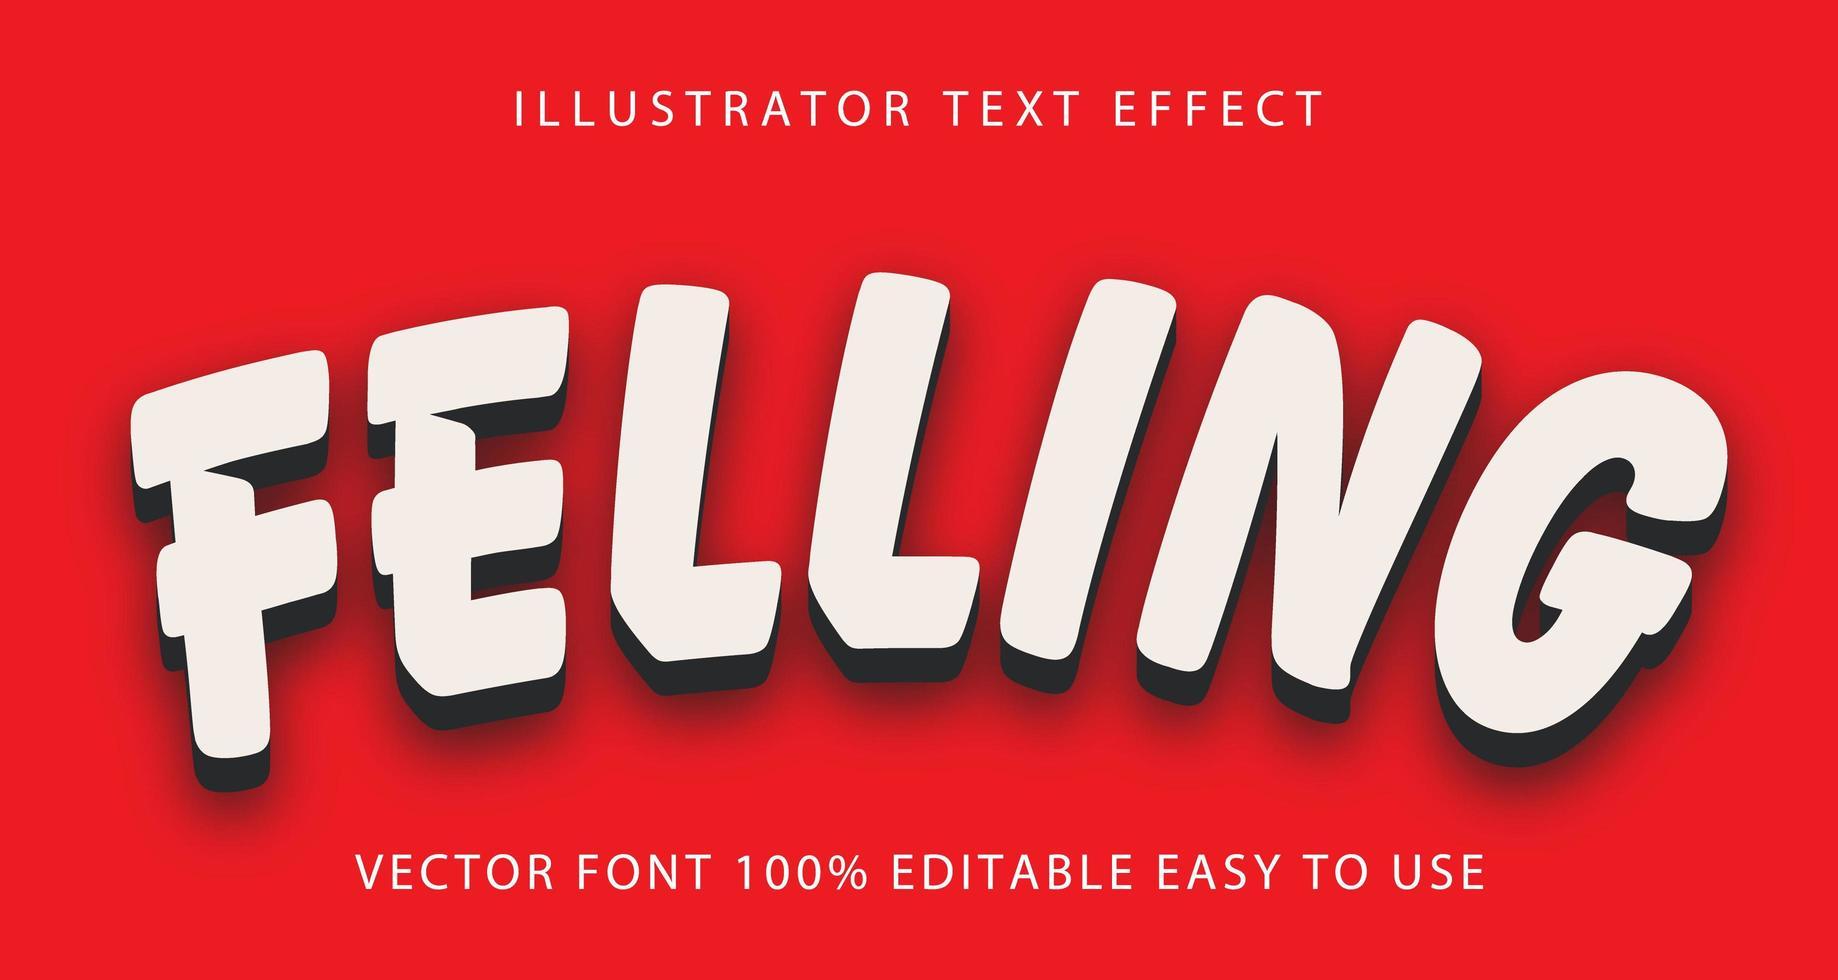 avverkning vit, svart skugga text effekt vektor